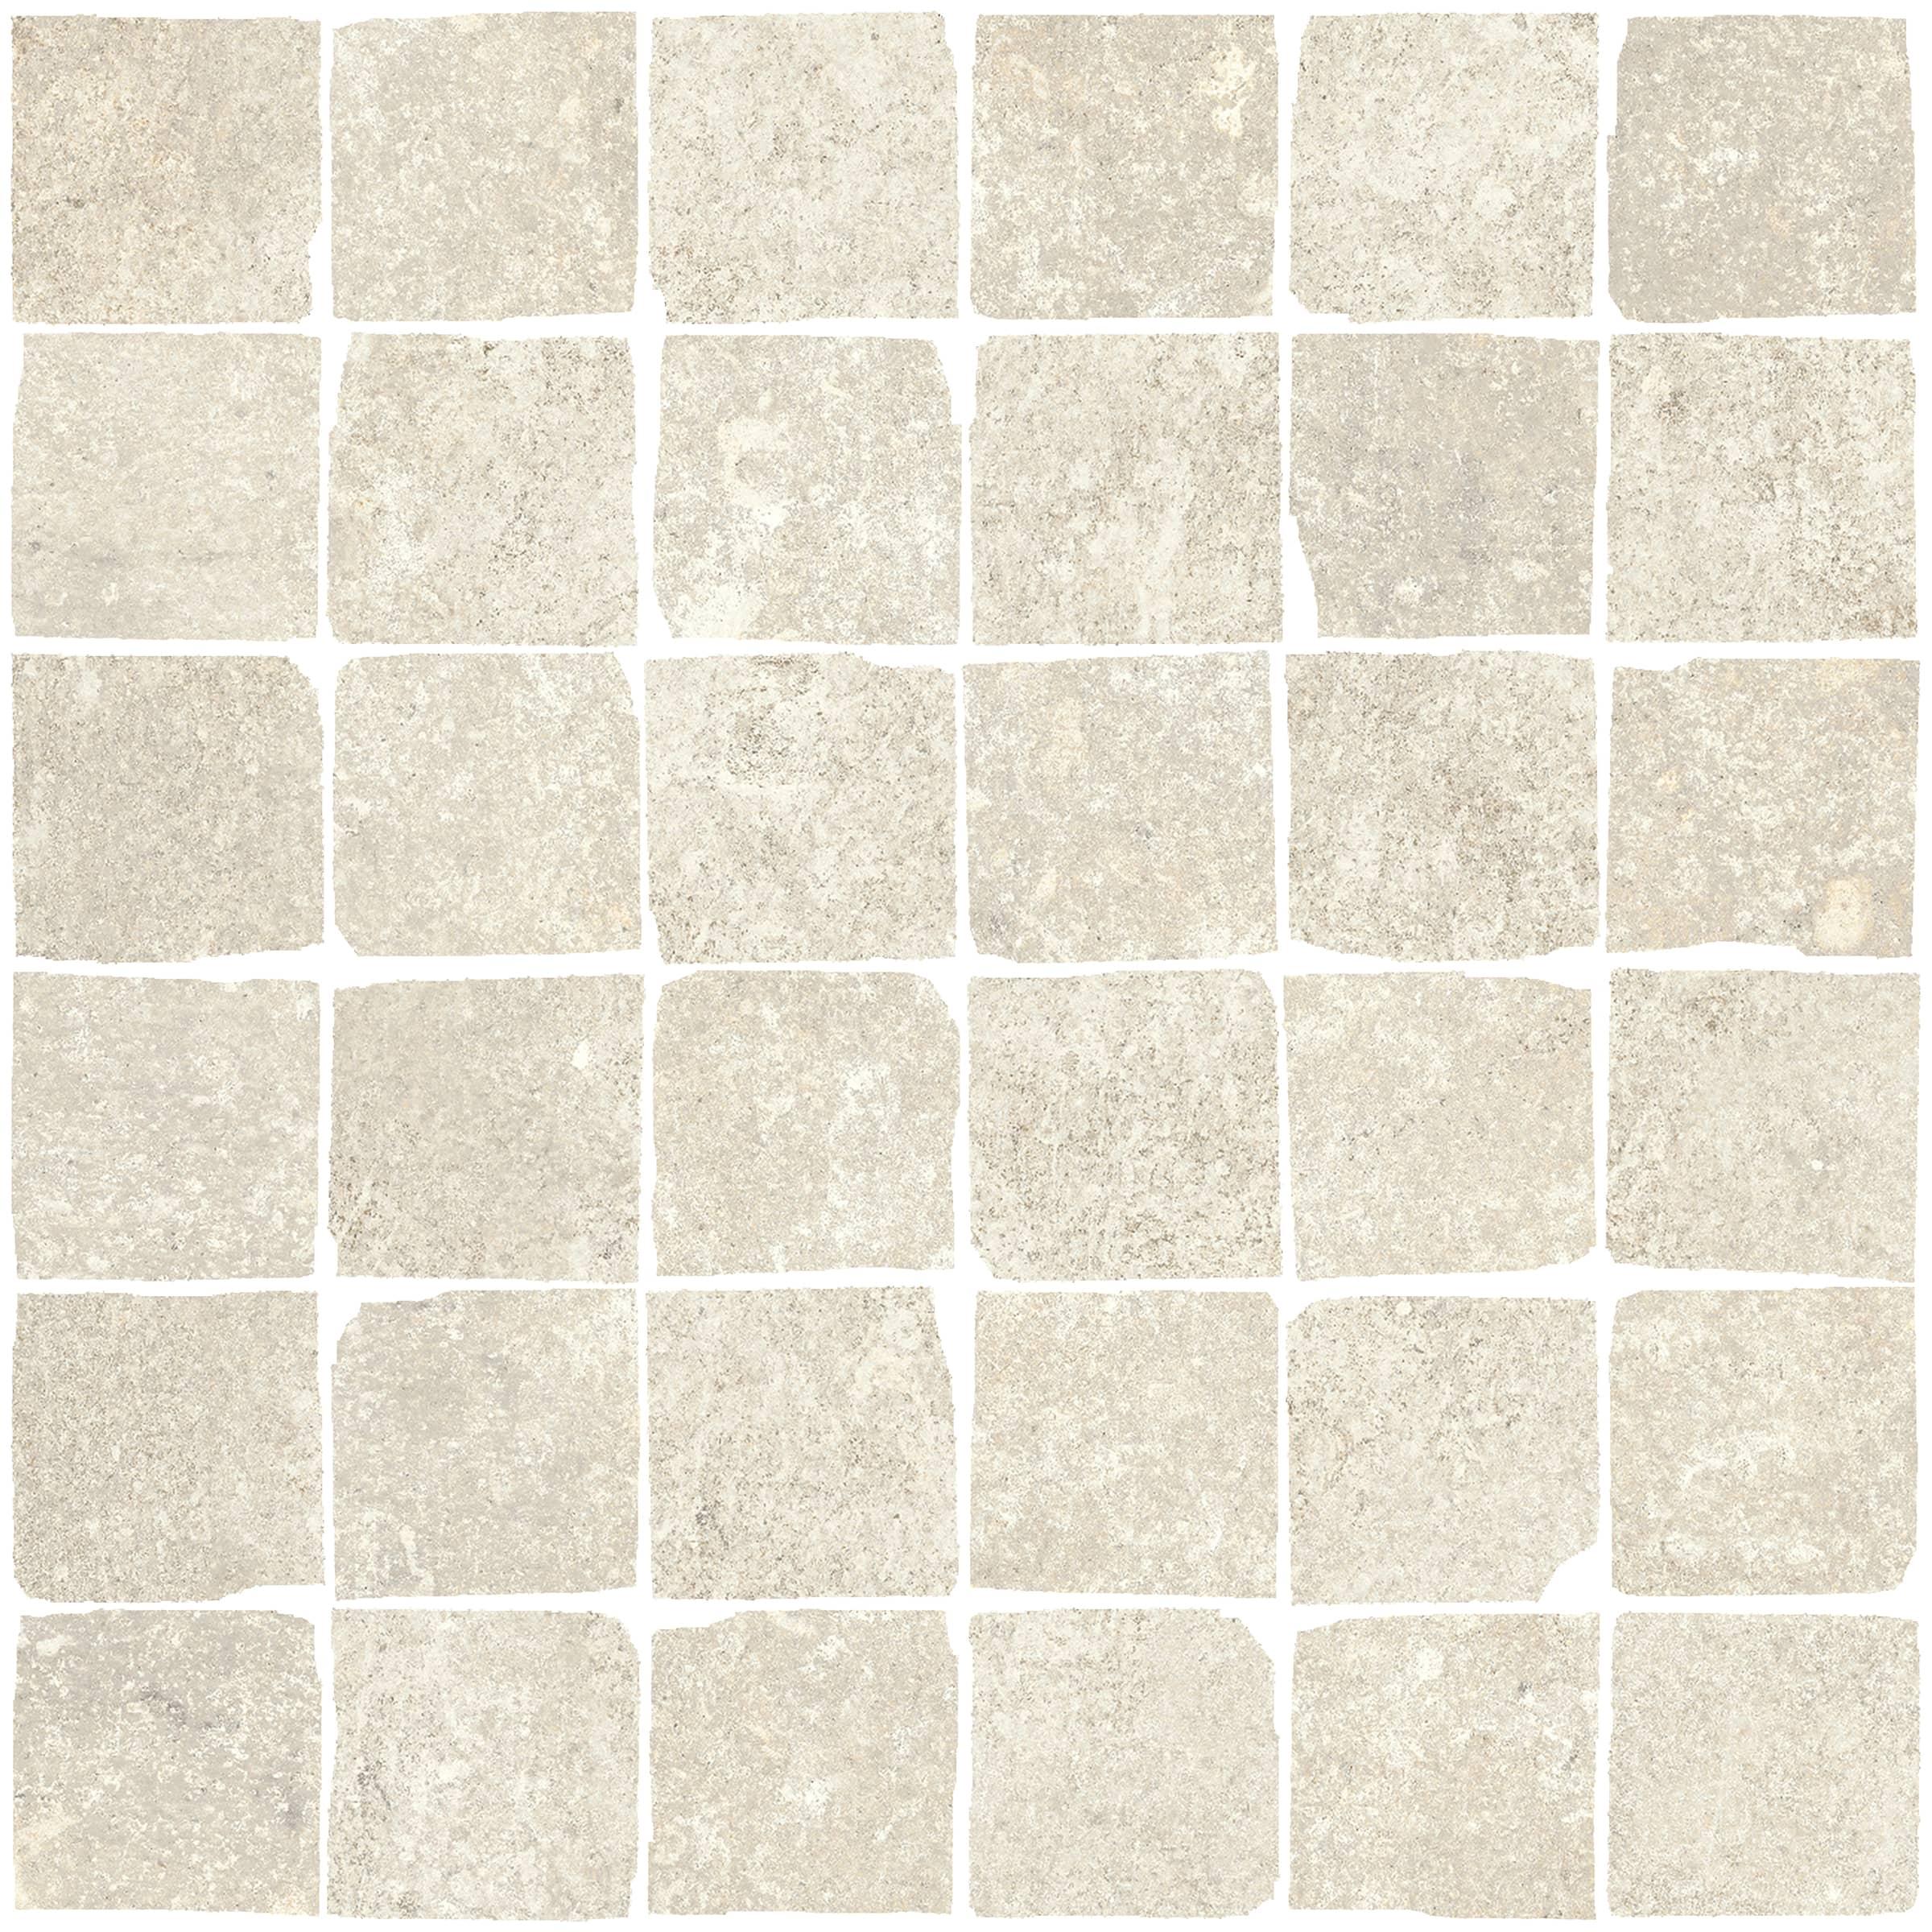 Mosaic Evoke 5x5